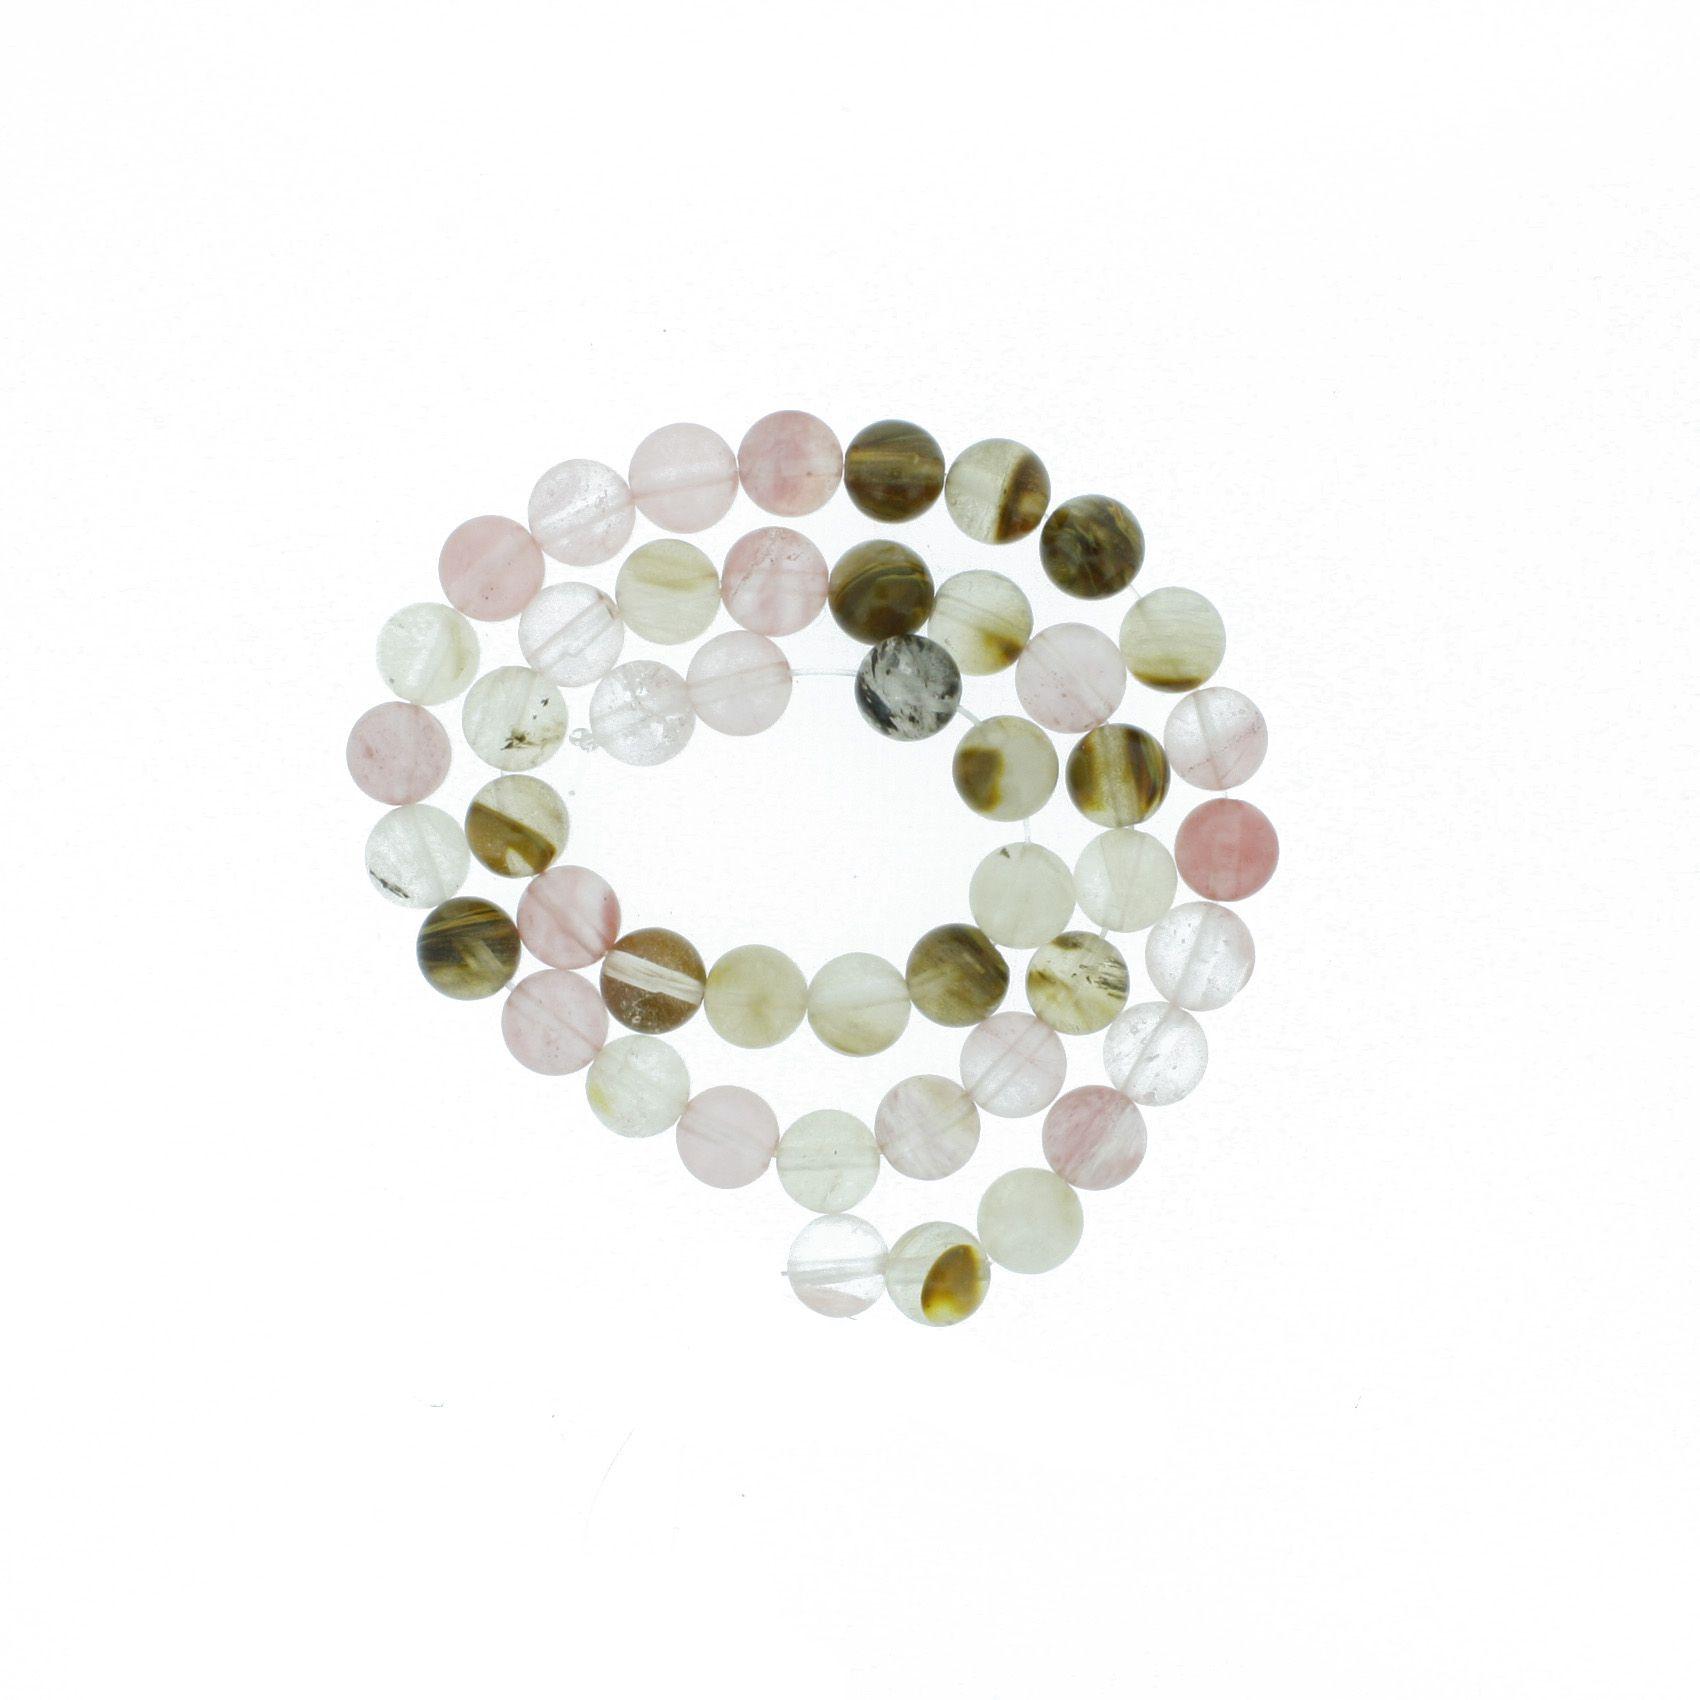 Fio de Pedra - Ágata Mix Rosa - 8mm  - Stéphanie Bijoux® - Peças para Bijuterias e Artesanato